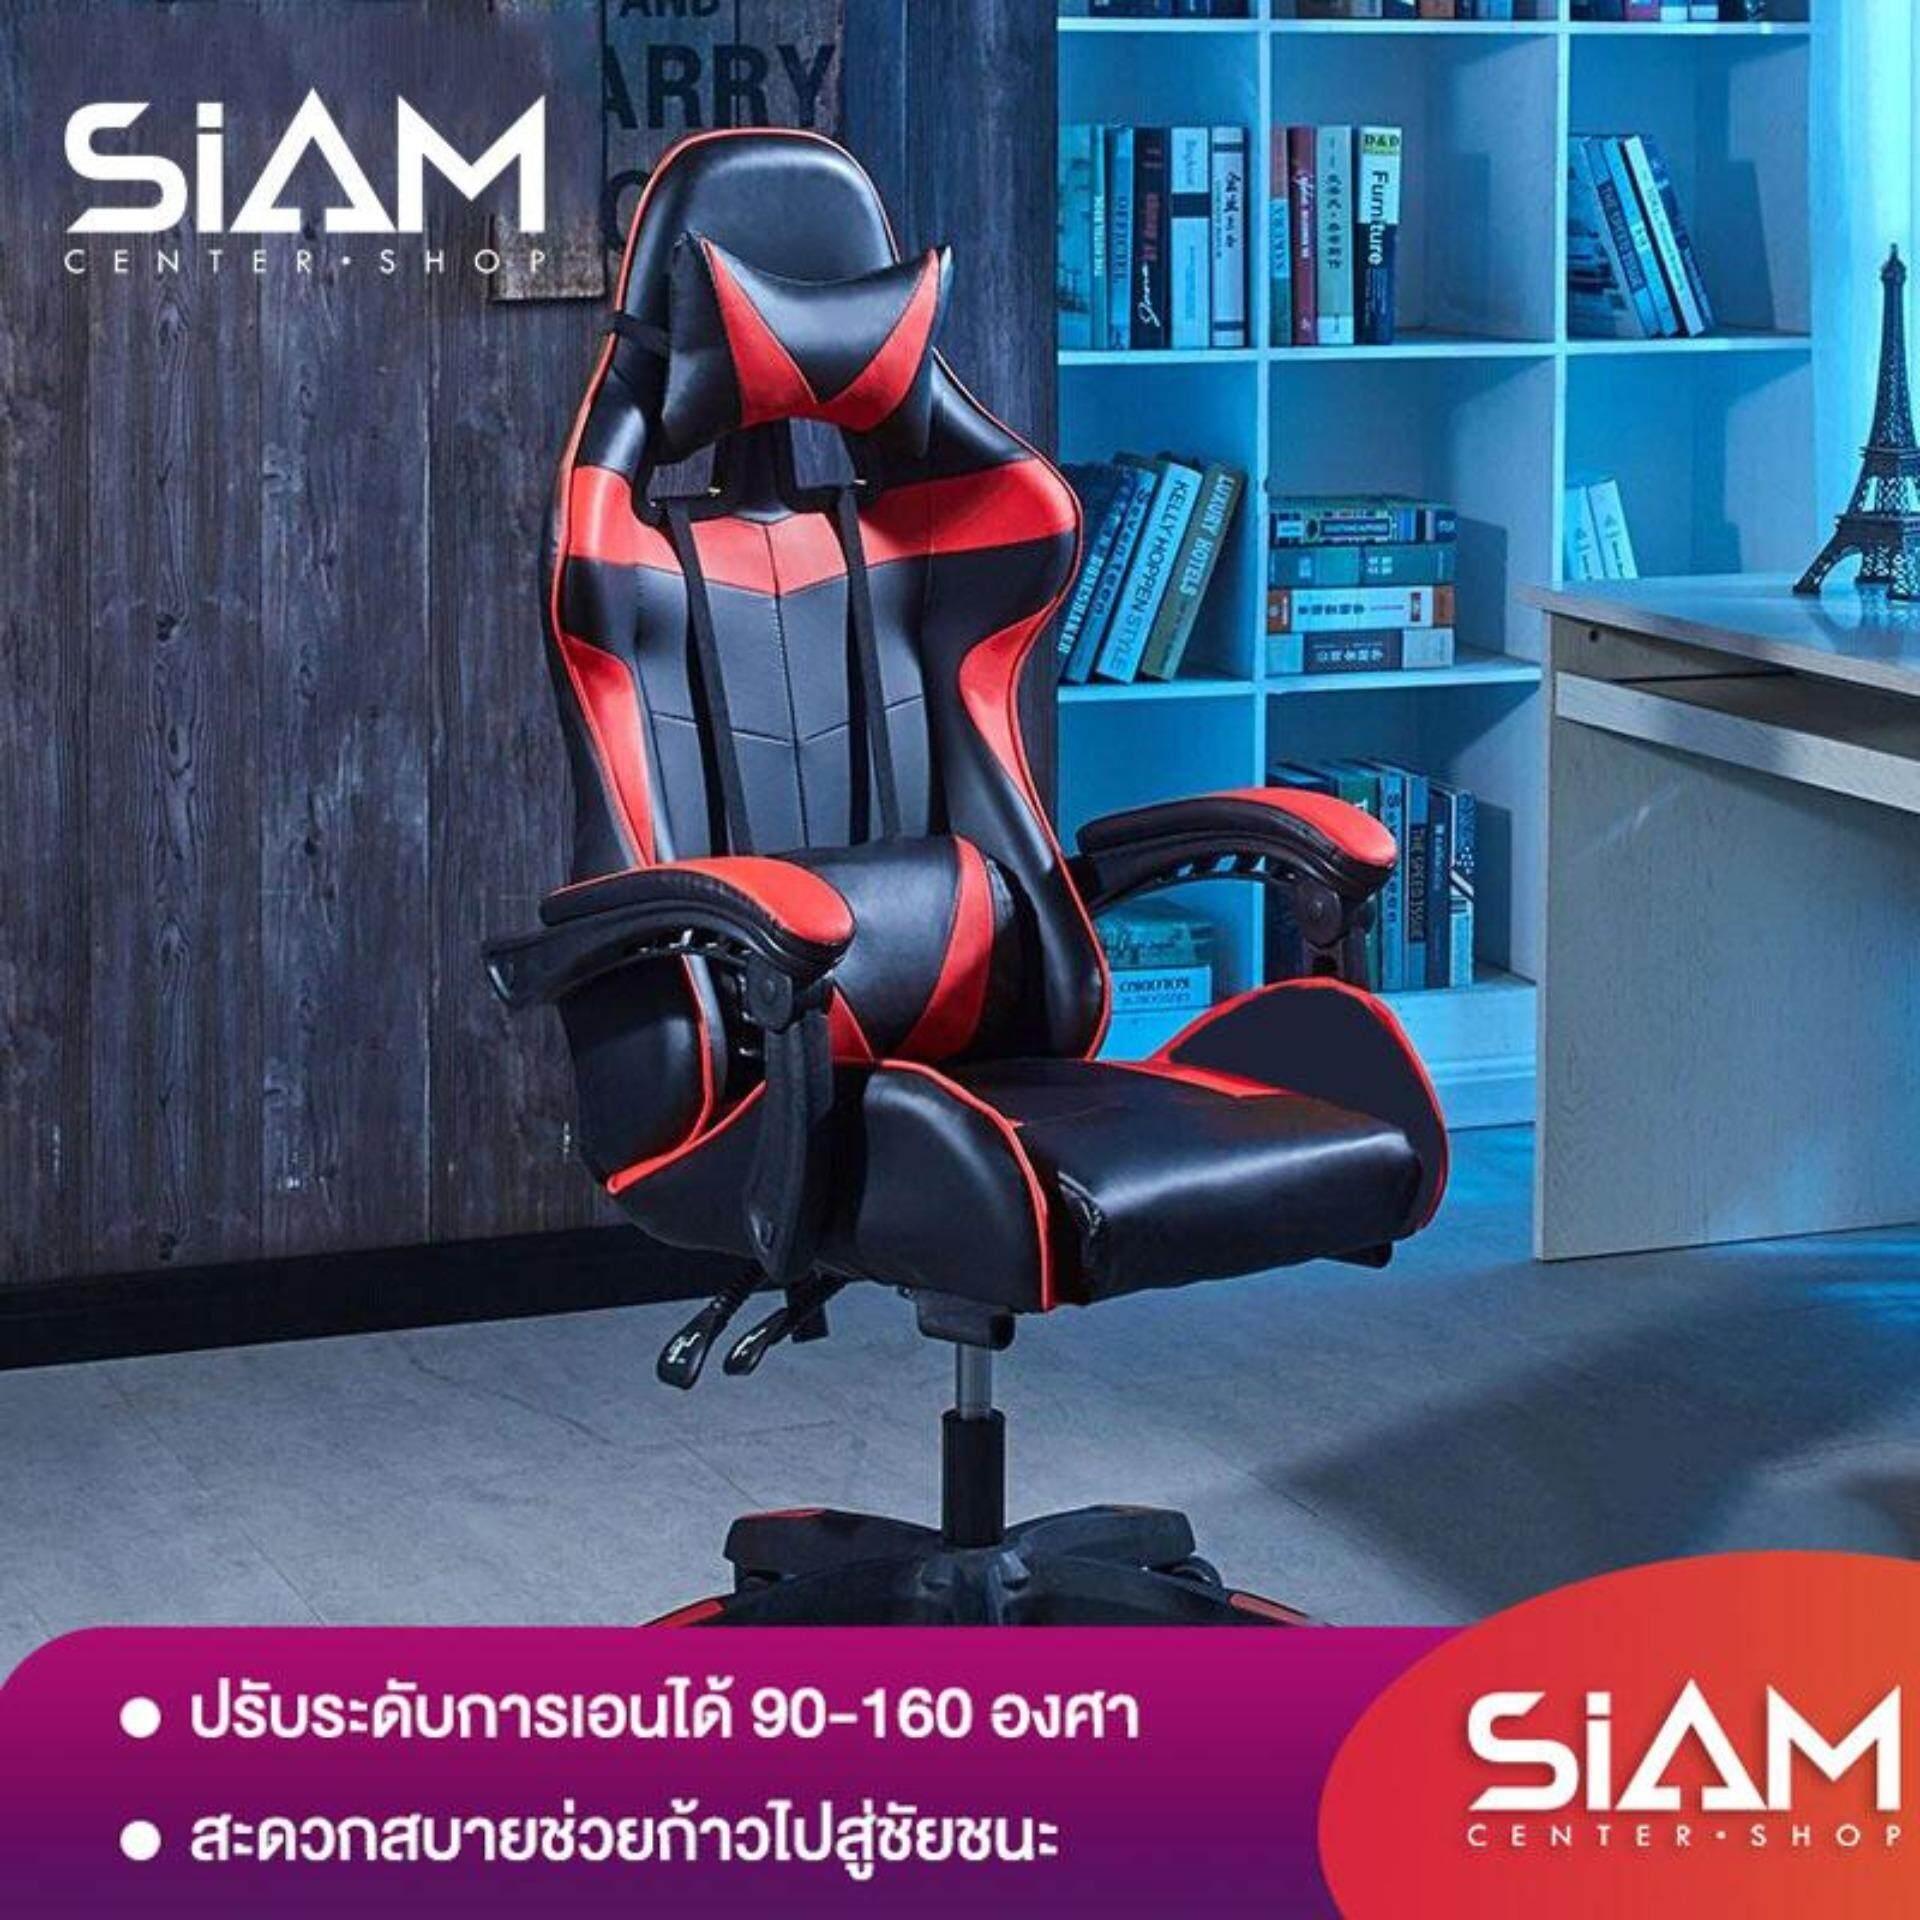 ยี่ห้อไหนดี  Siam Center เก้าอี้เกม เก้าอี้ทำงาน เก้าอี้คอม เก้าอี้นอน เก้าอี้สำนักงาน เก้าอี้เล่นเกม ESPORT เก้าอี้เกมมิ่ง Gaming Chair ปรับความสูงได้ 10 ซม. นั่งสบาย หมุนได้360° รุ่น HM808